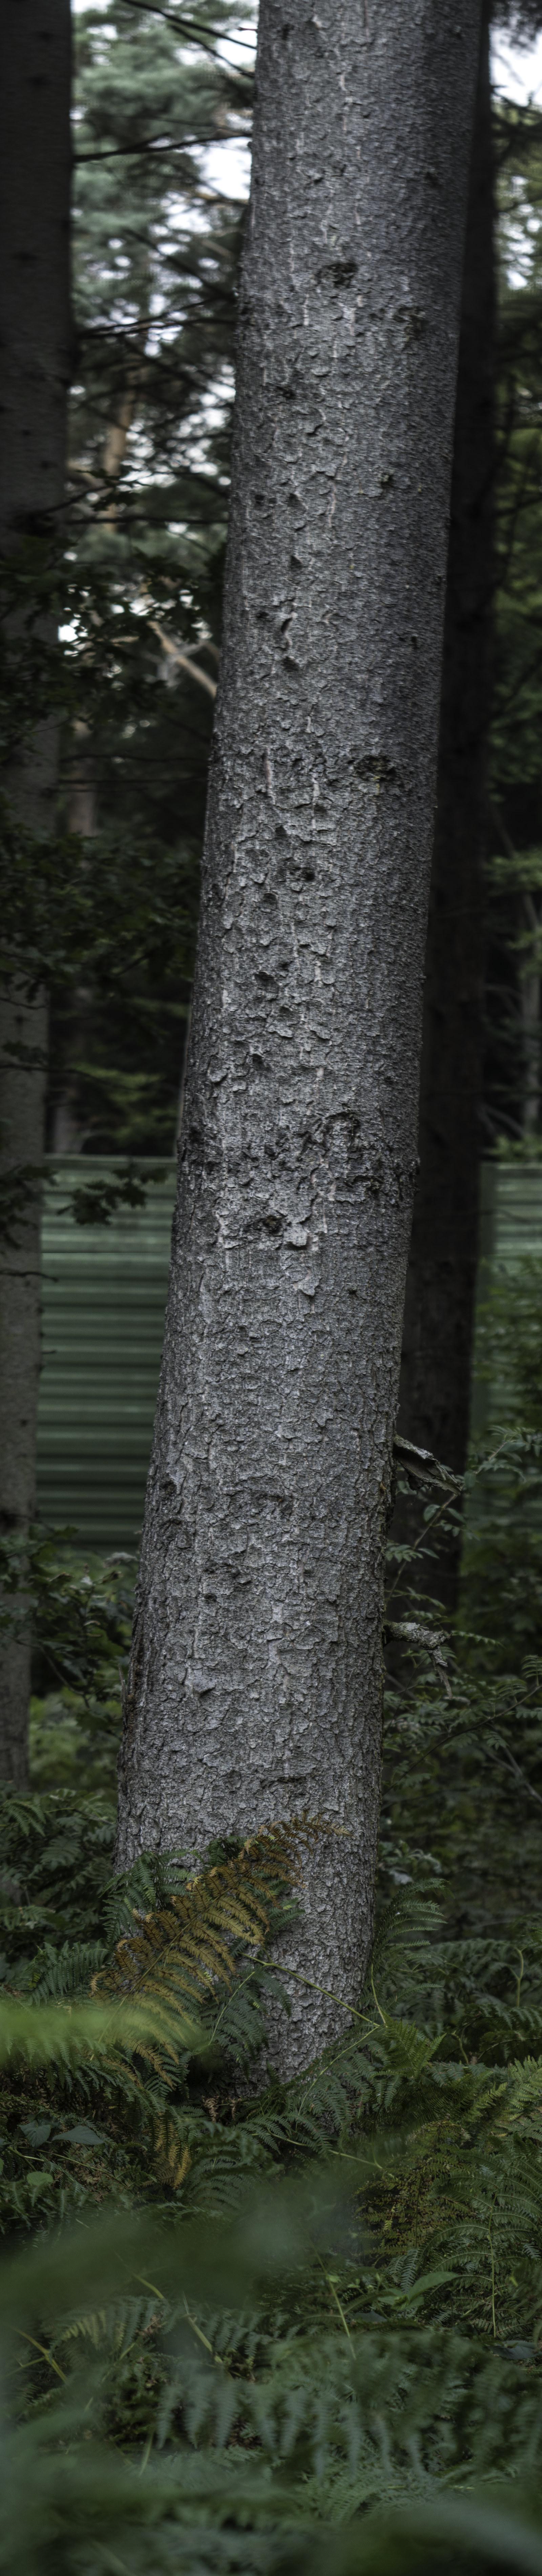 Hochkantpanorama eines Baumstamms mit Farn